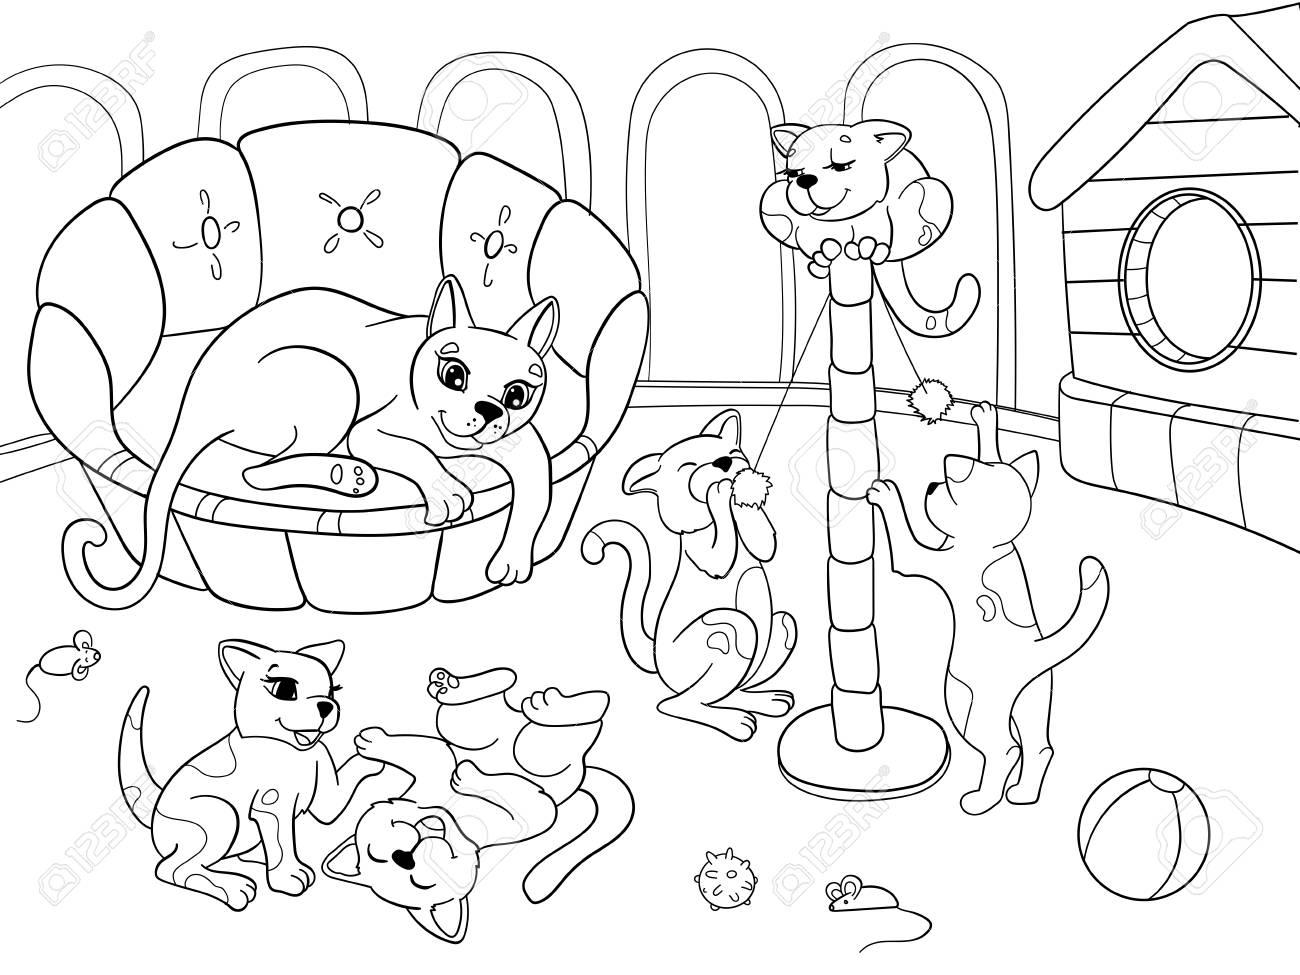 Família Dos Desenhos Animados Do Livro Para Colorir Das Crianças Na Natureza Mãe Gato E Gatinhos Crianças